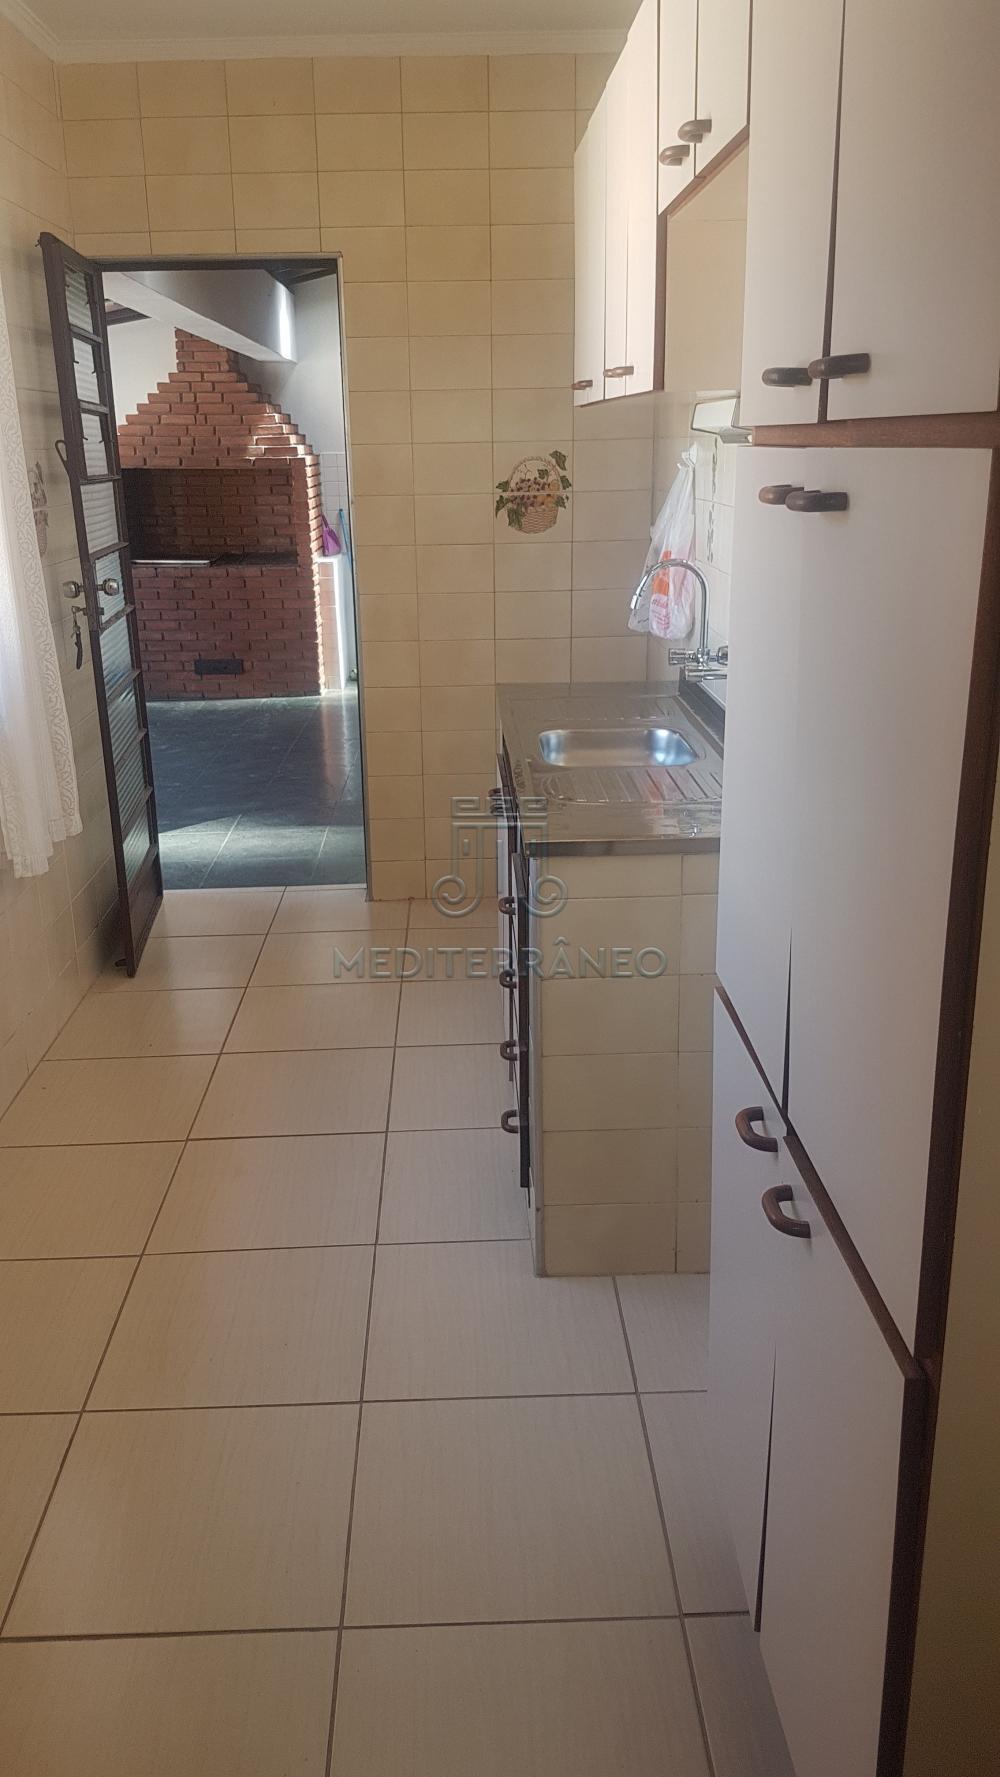 Alugar Casa / Sobrado em Jundiaí apenas R$ 3.000,00 - Foto 2